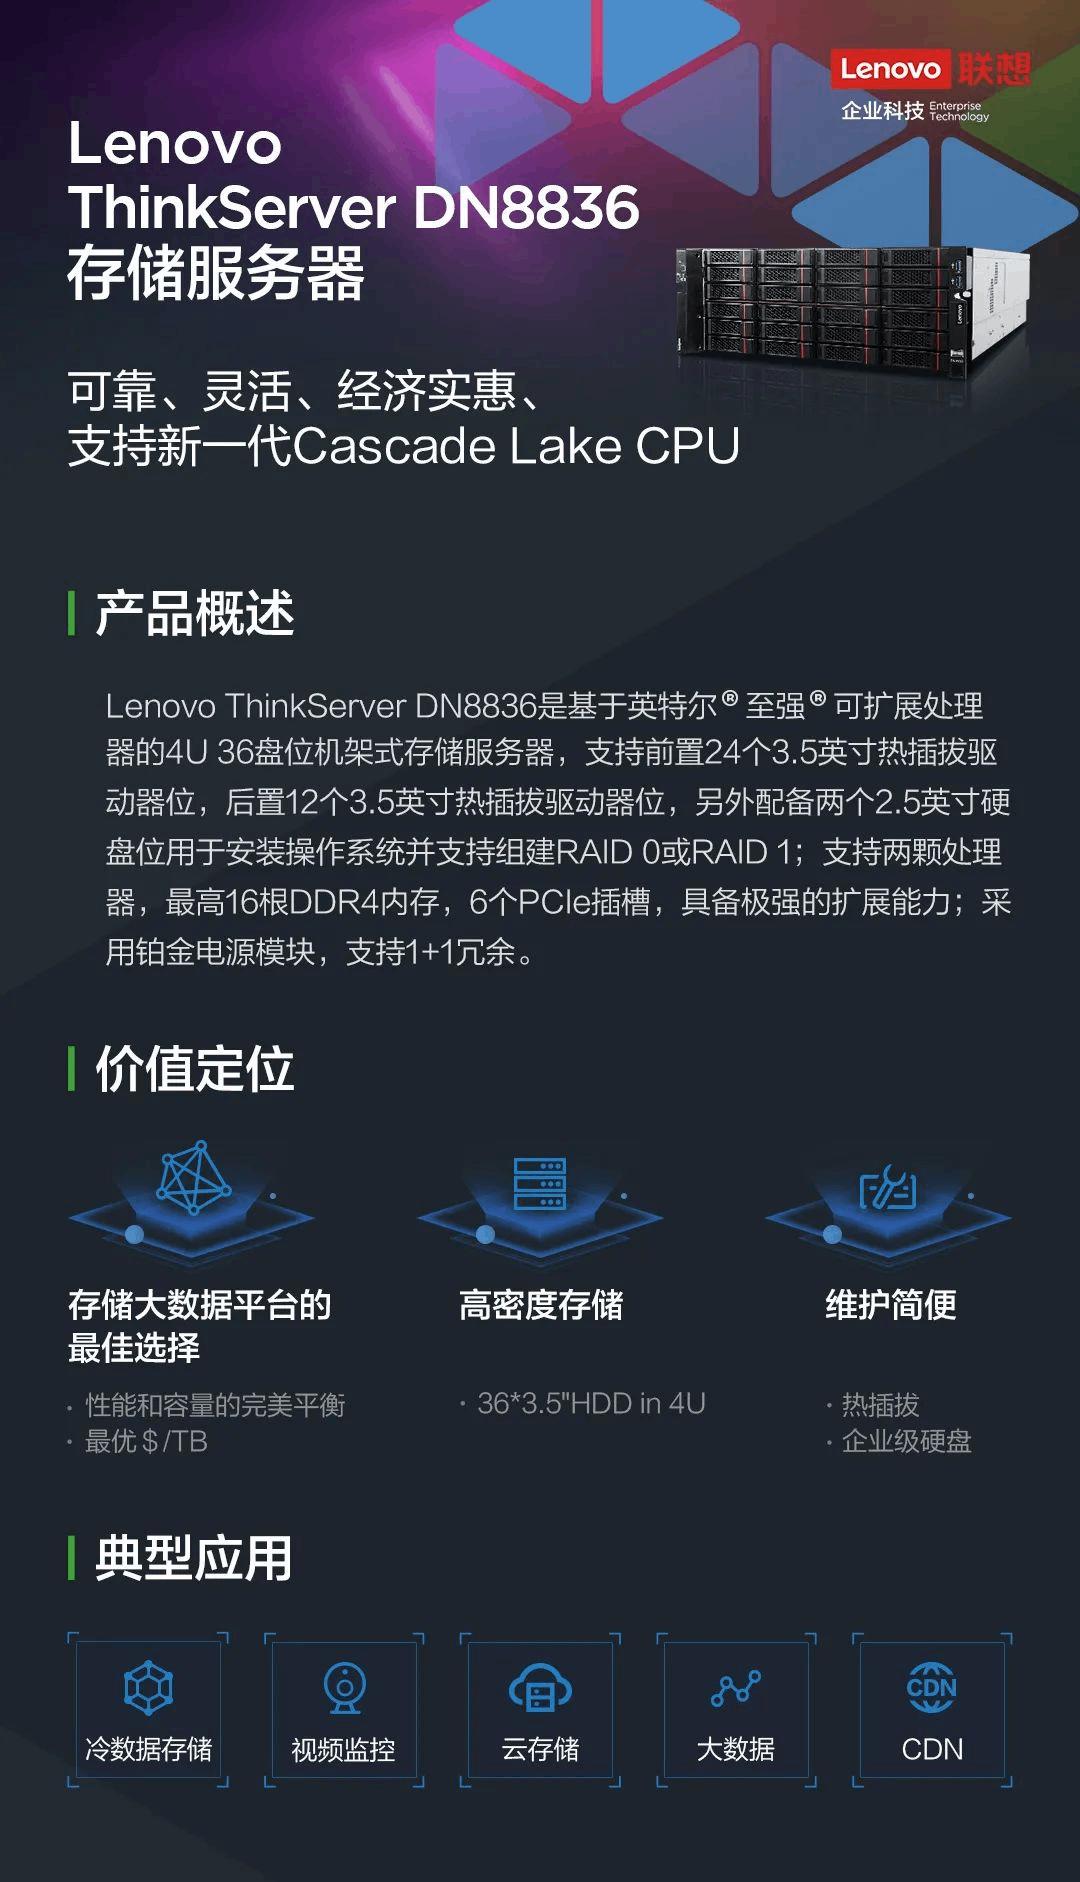 联想ThinkServer DN883——超大容量存储服务器的性价比之选